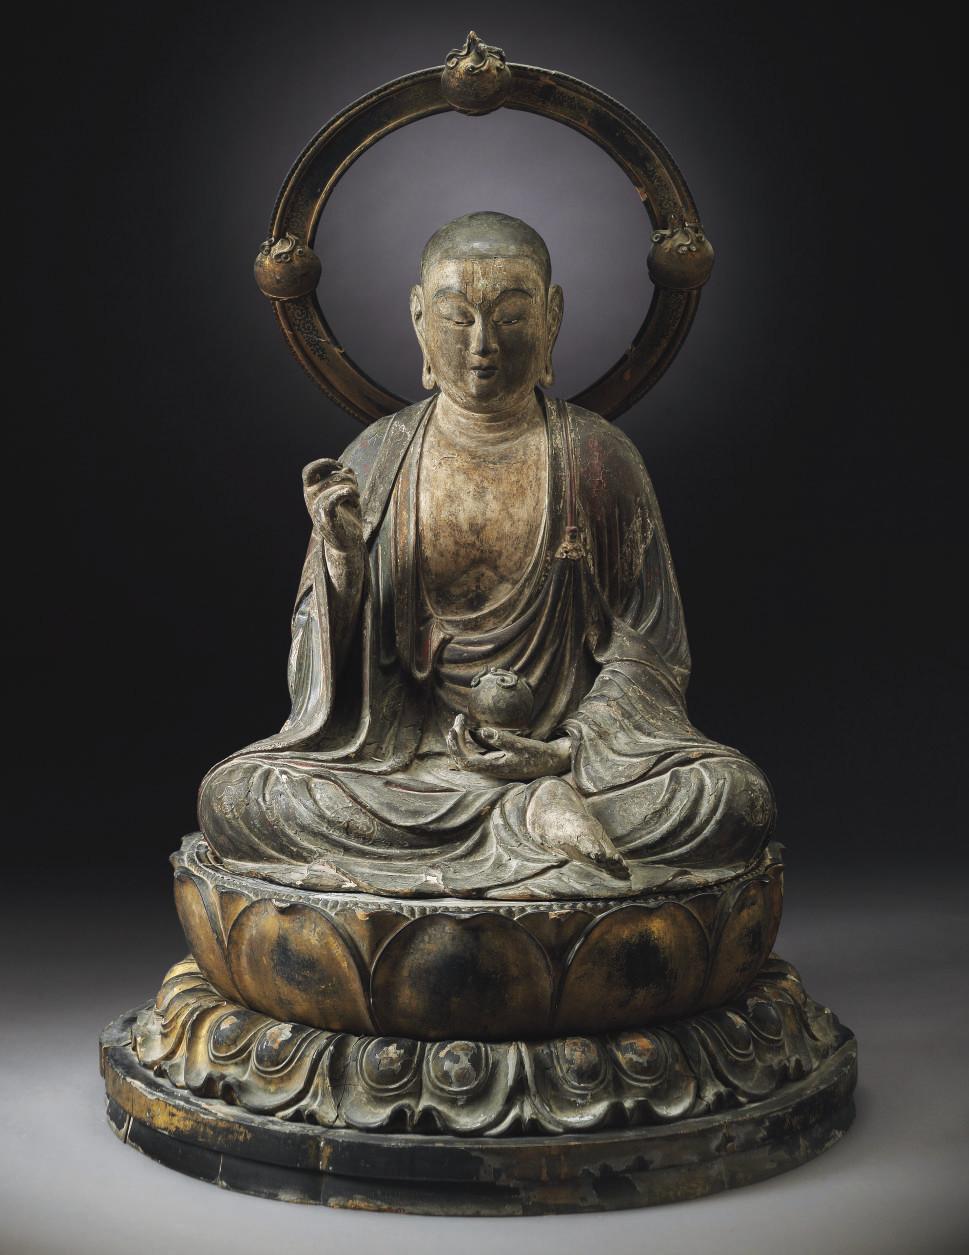 A seated figure of Jizo Bosats